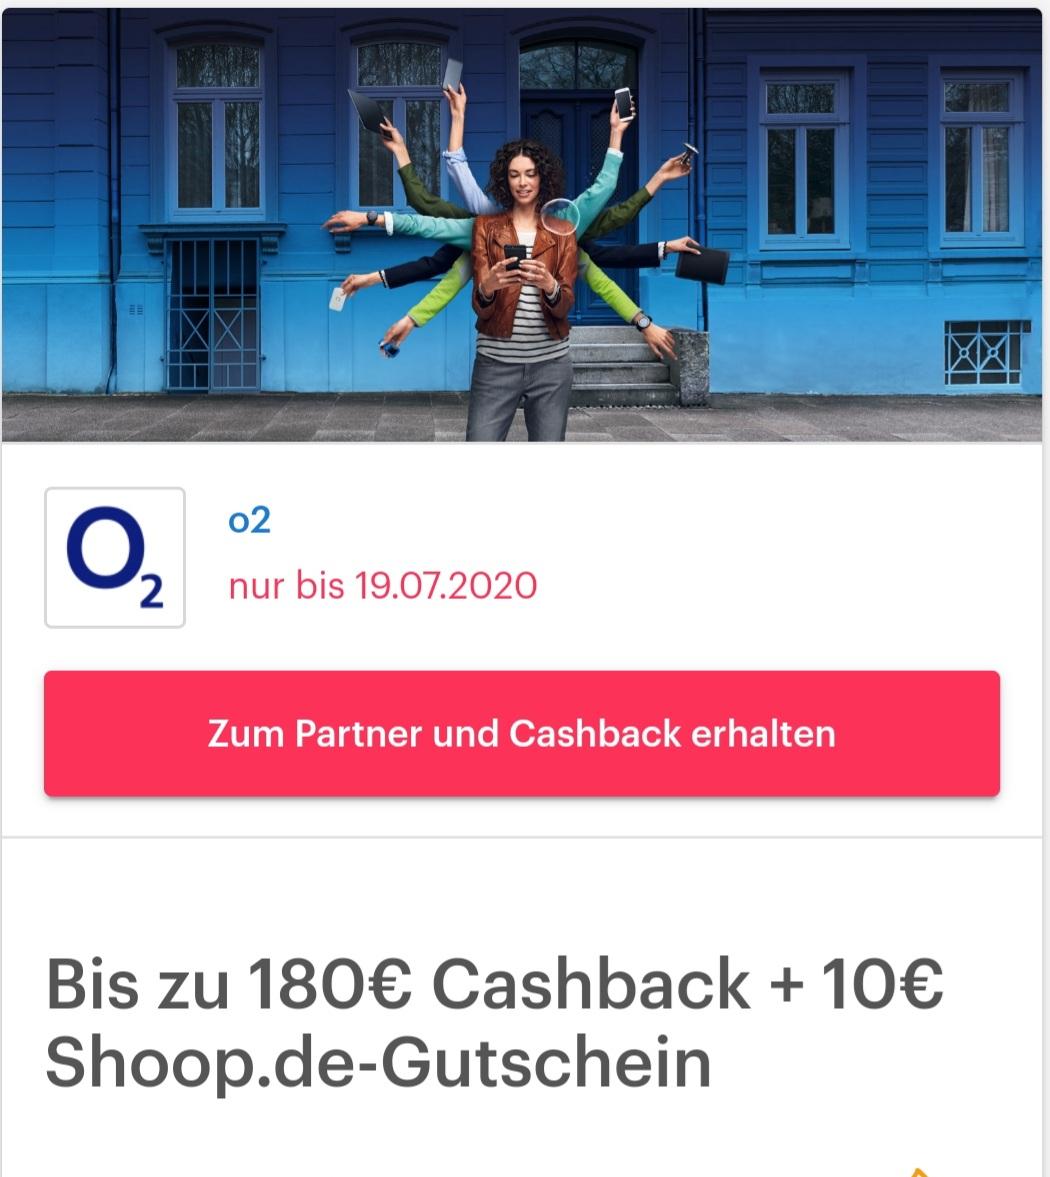 [Shoop] Bis zu 180€ Cashback + 10€ Shoop.de-Gutschein für Mobilfunk oder DSL bei O2